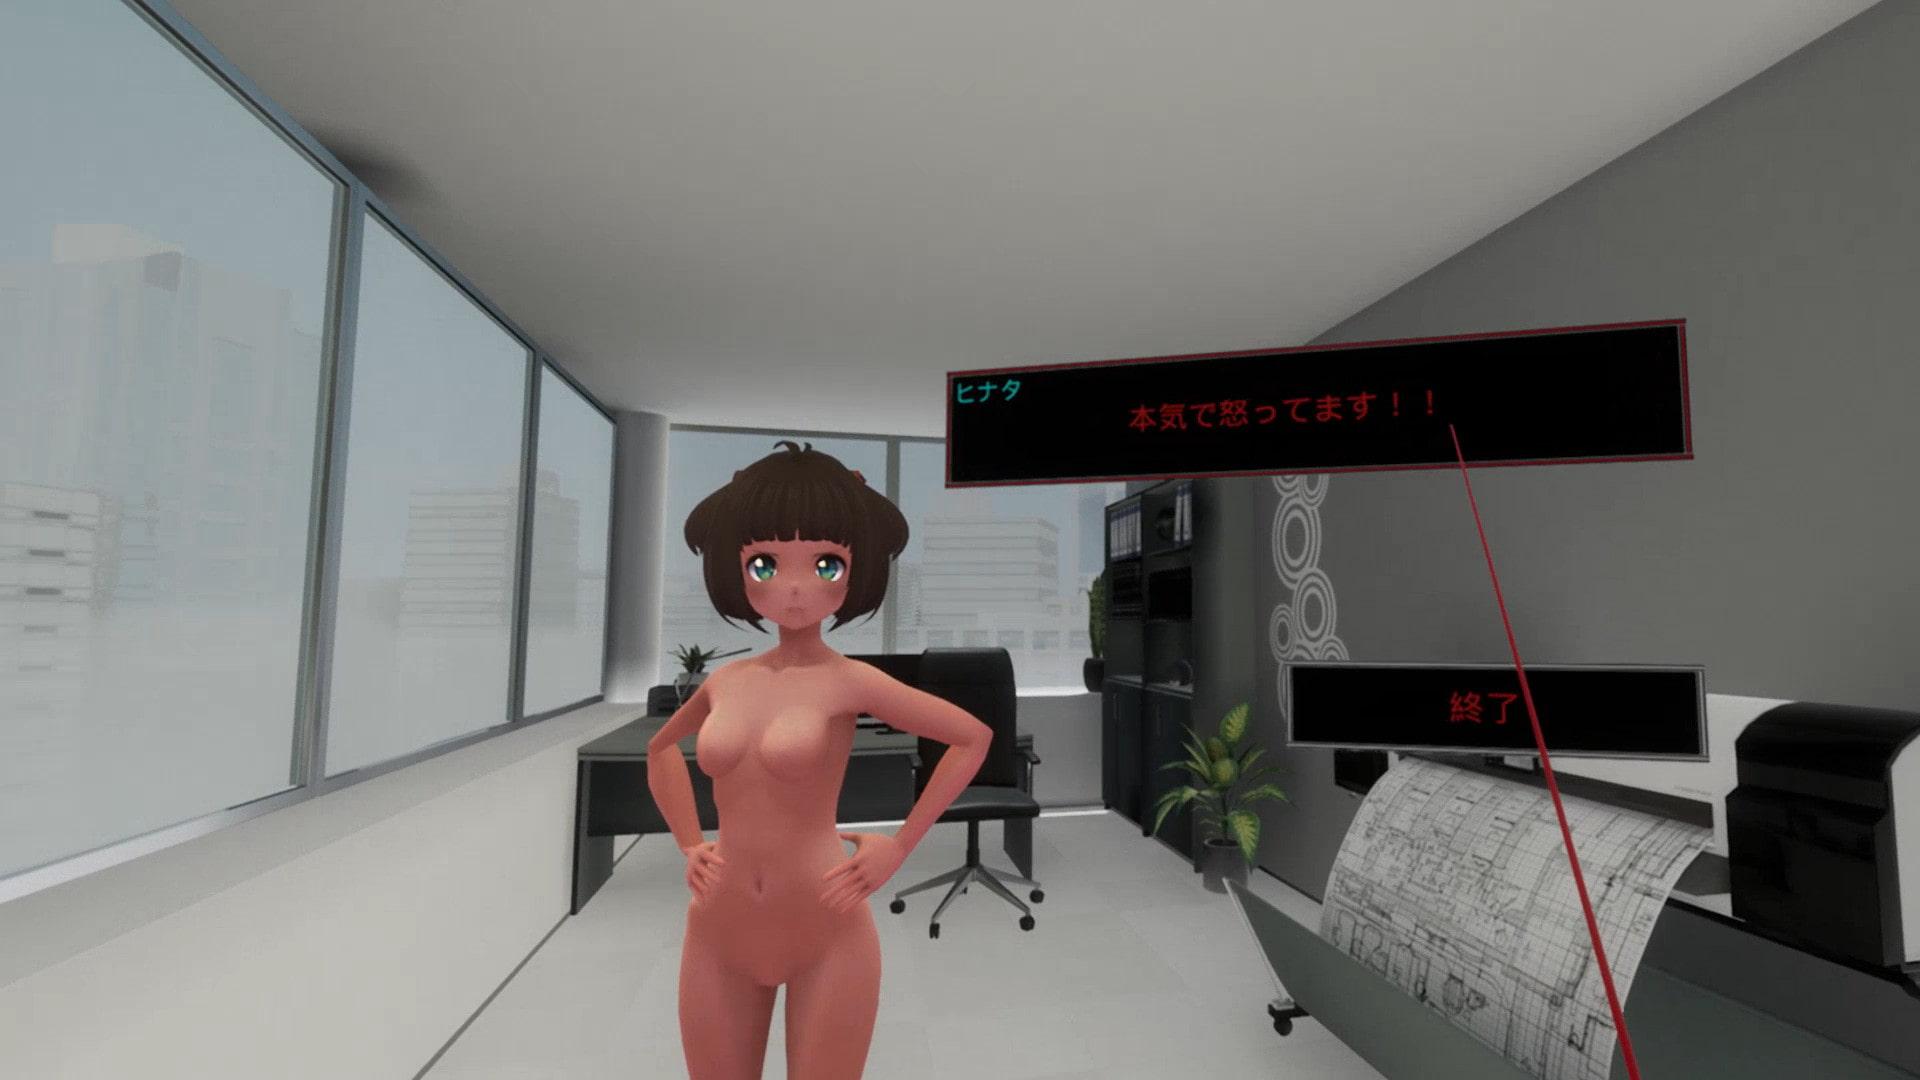 かわいい後輩は何でもしてくれるらしい...【VR対応】のサンプル画像5